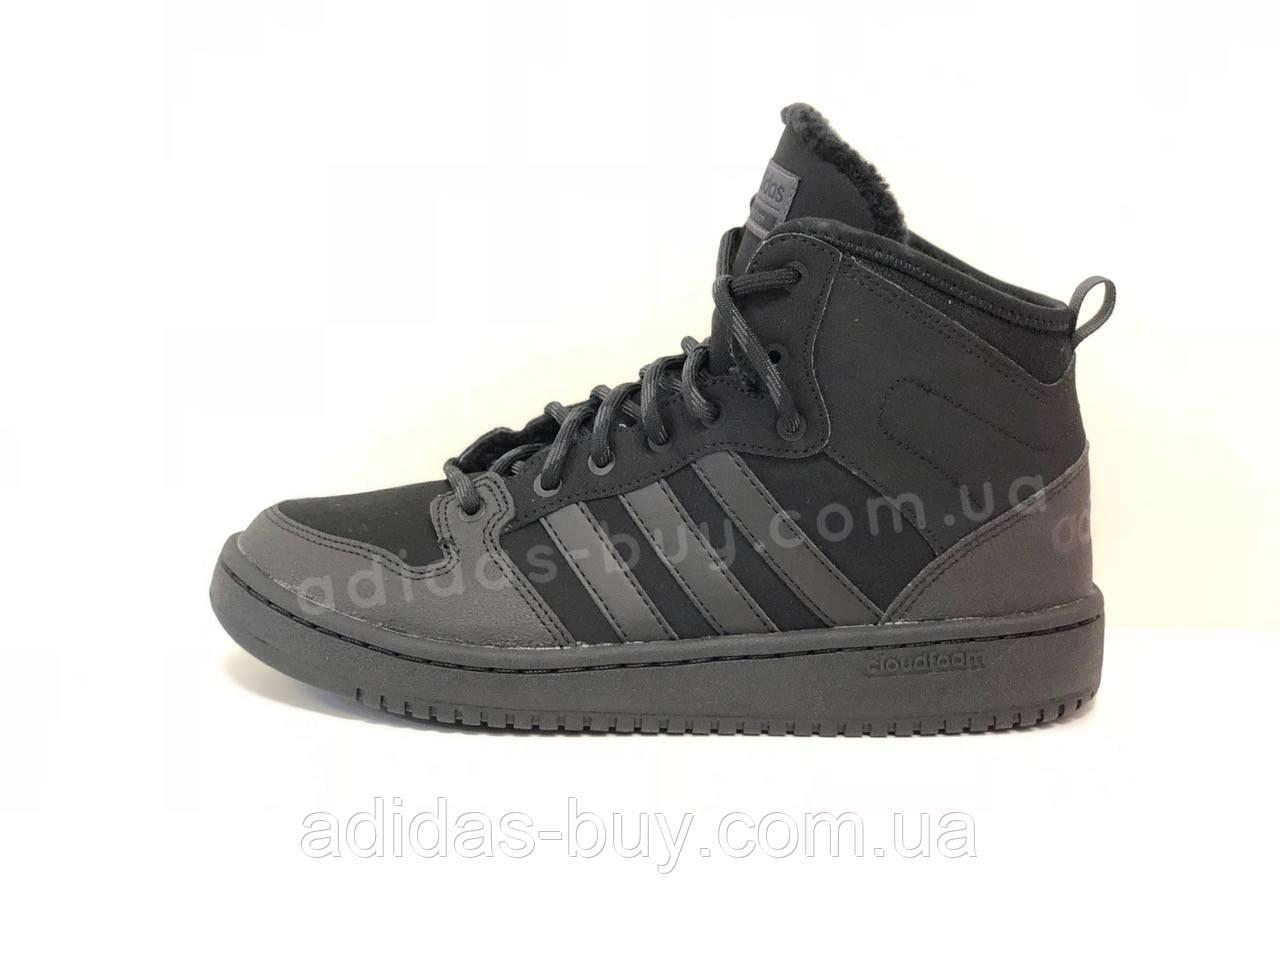 Мужские оригинальные кроссовки Adidas CLOUDFOAM HOOPS WINTER MID BB9912 -  Bigl.ua e1a87725dc0